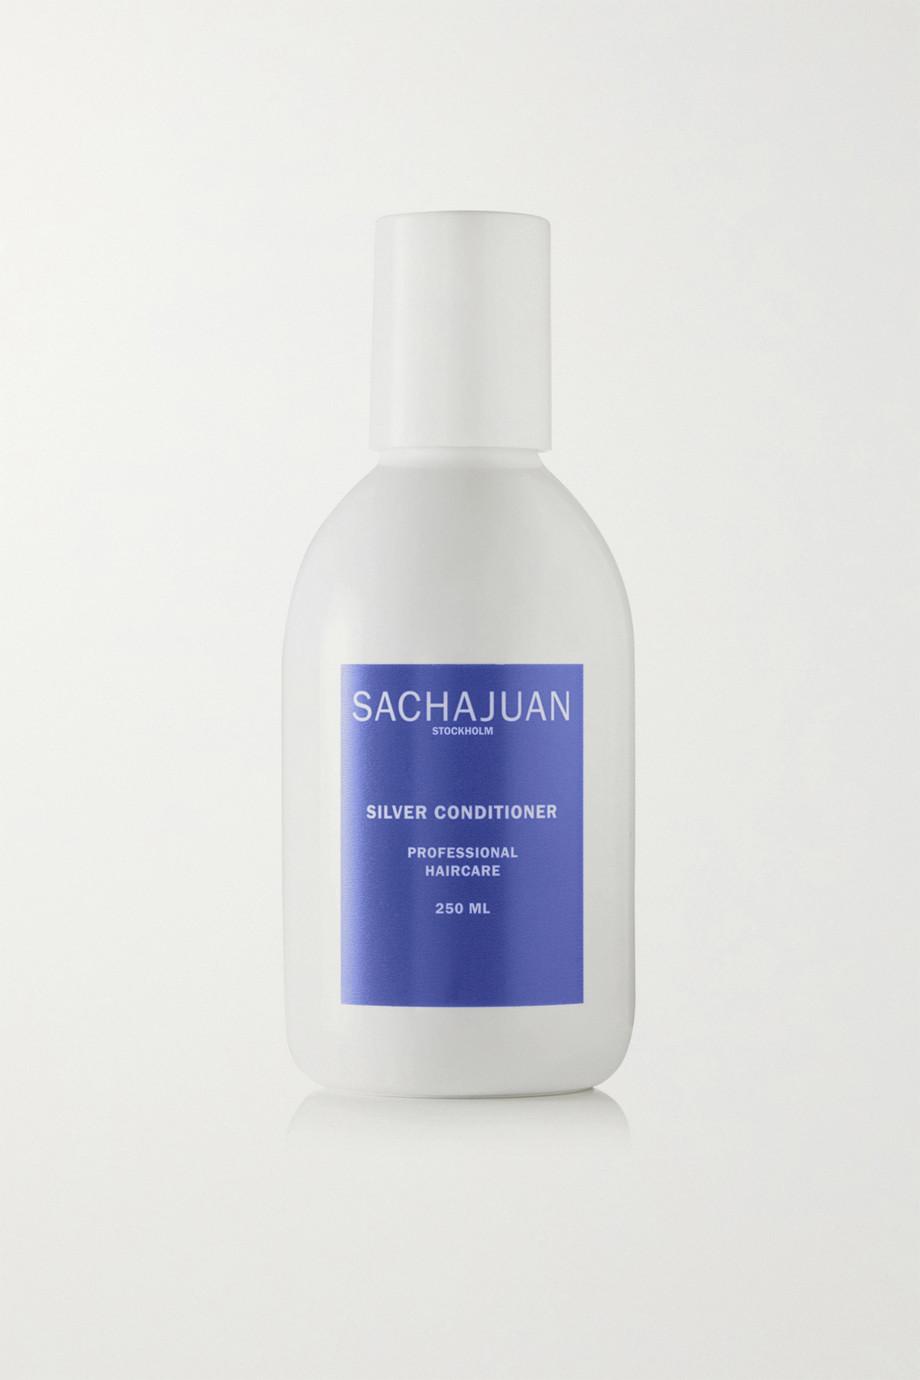 SACHAJUAN Silver Conditioner, 250 ml – Conditioner für blondiertes Haar